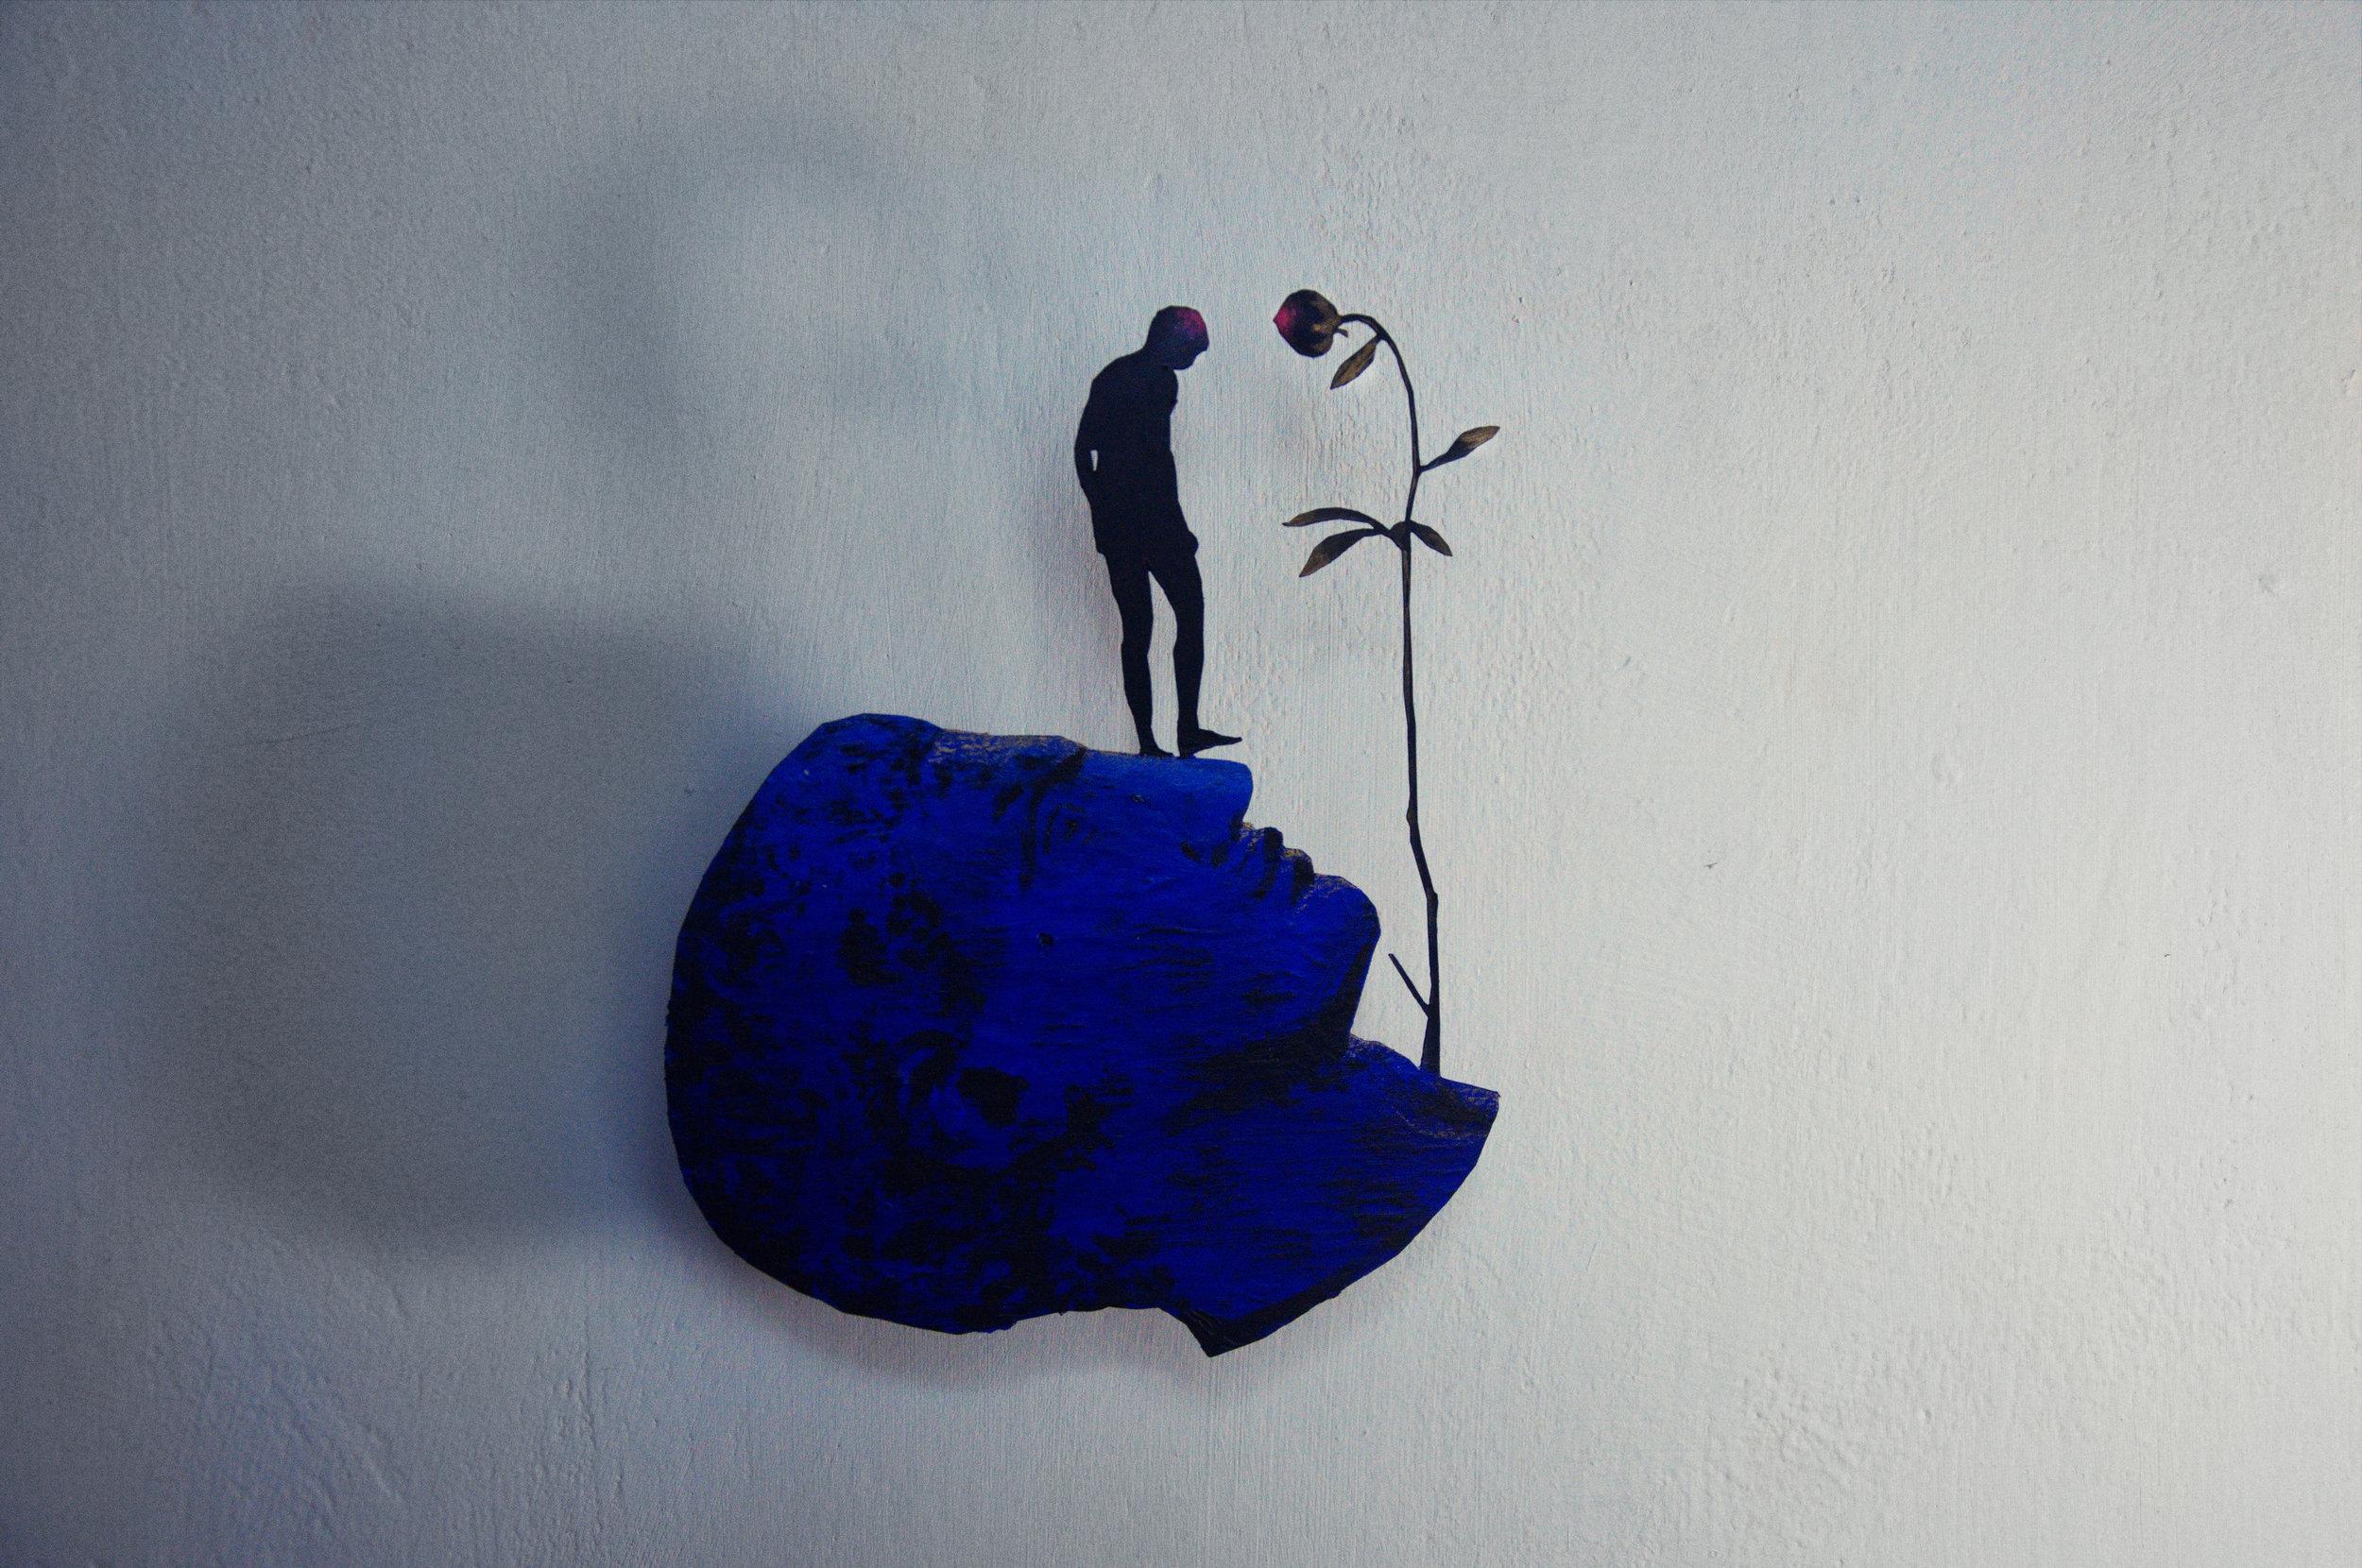 Artist:  Rolands Krutovs . Poetical Mater 1, 2019, fiber, 20 x 20 cm